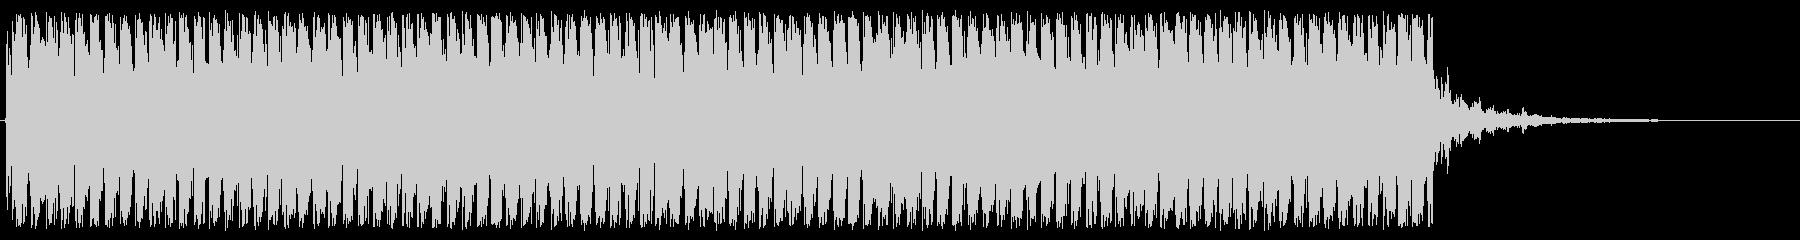 機関銃の音ですの未再生の波形